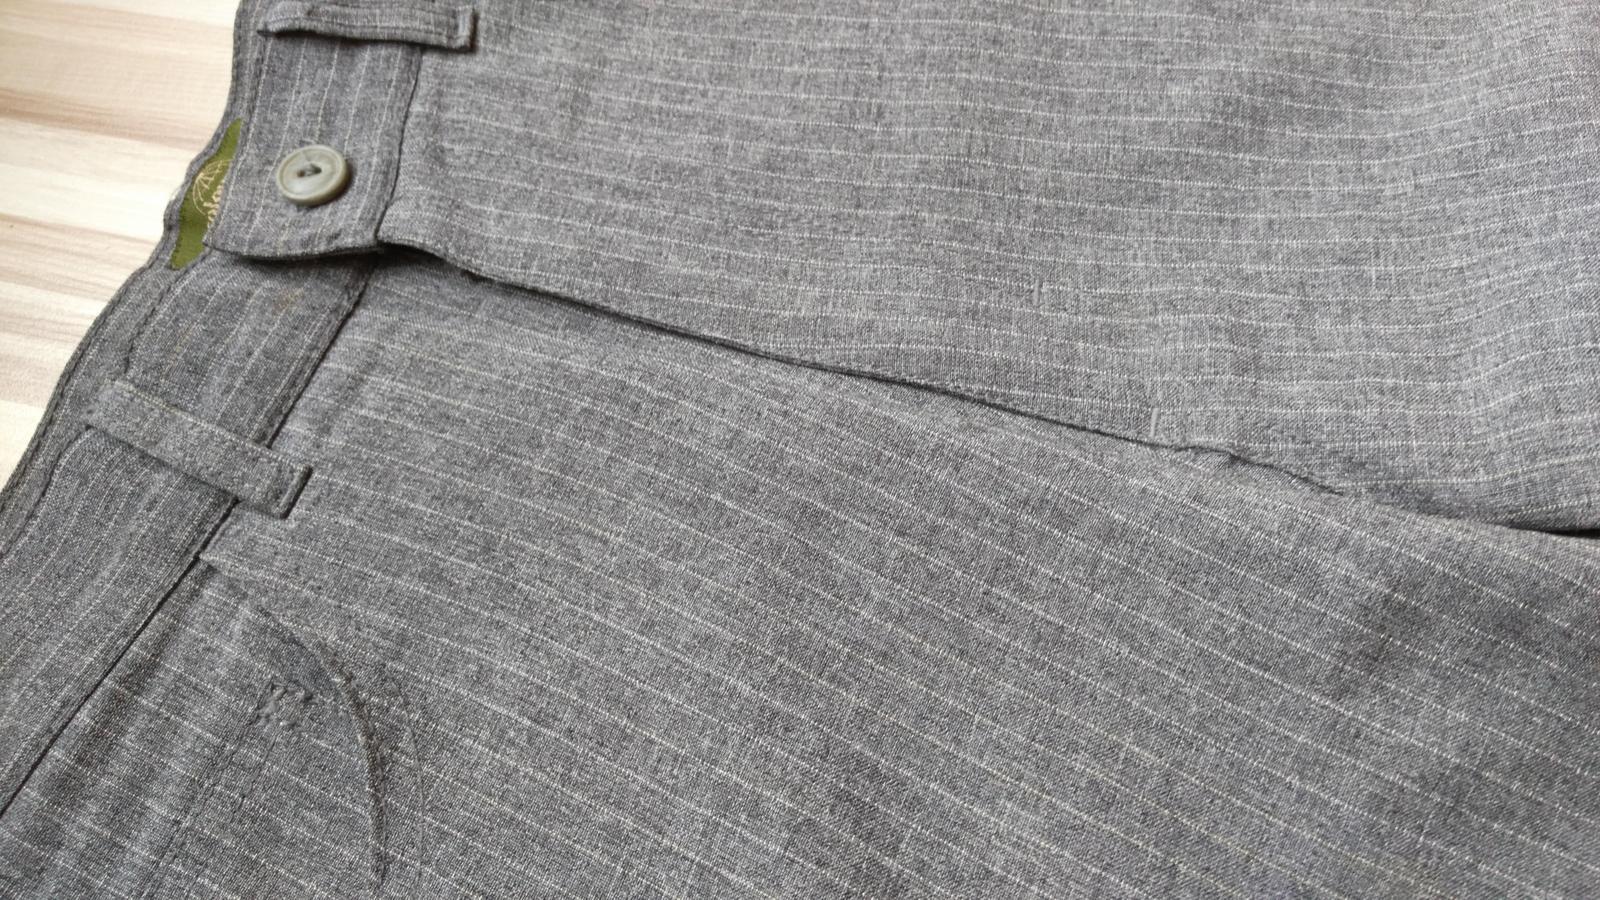 Šedé elegantné nohavice s pásikmi 36/S - Obrázok č. 2